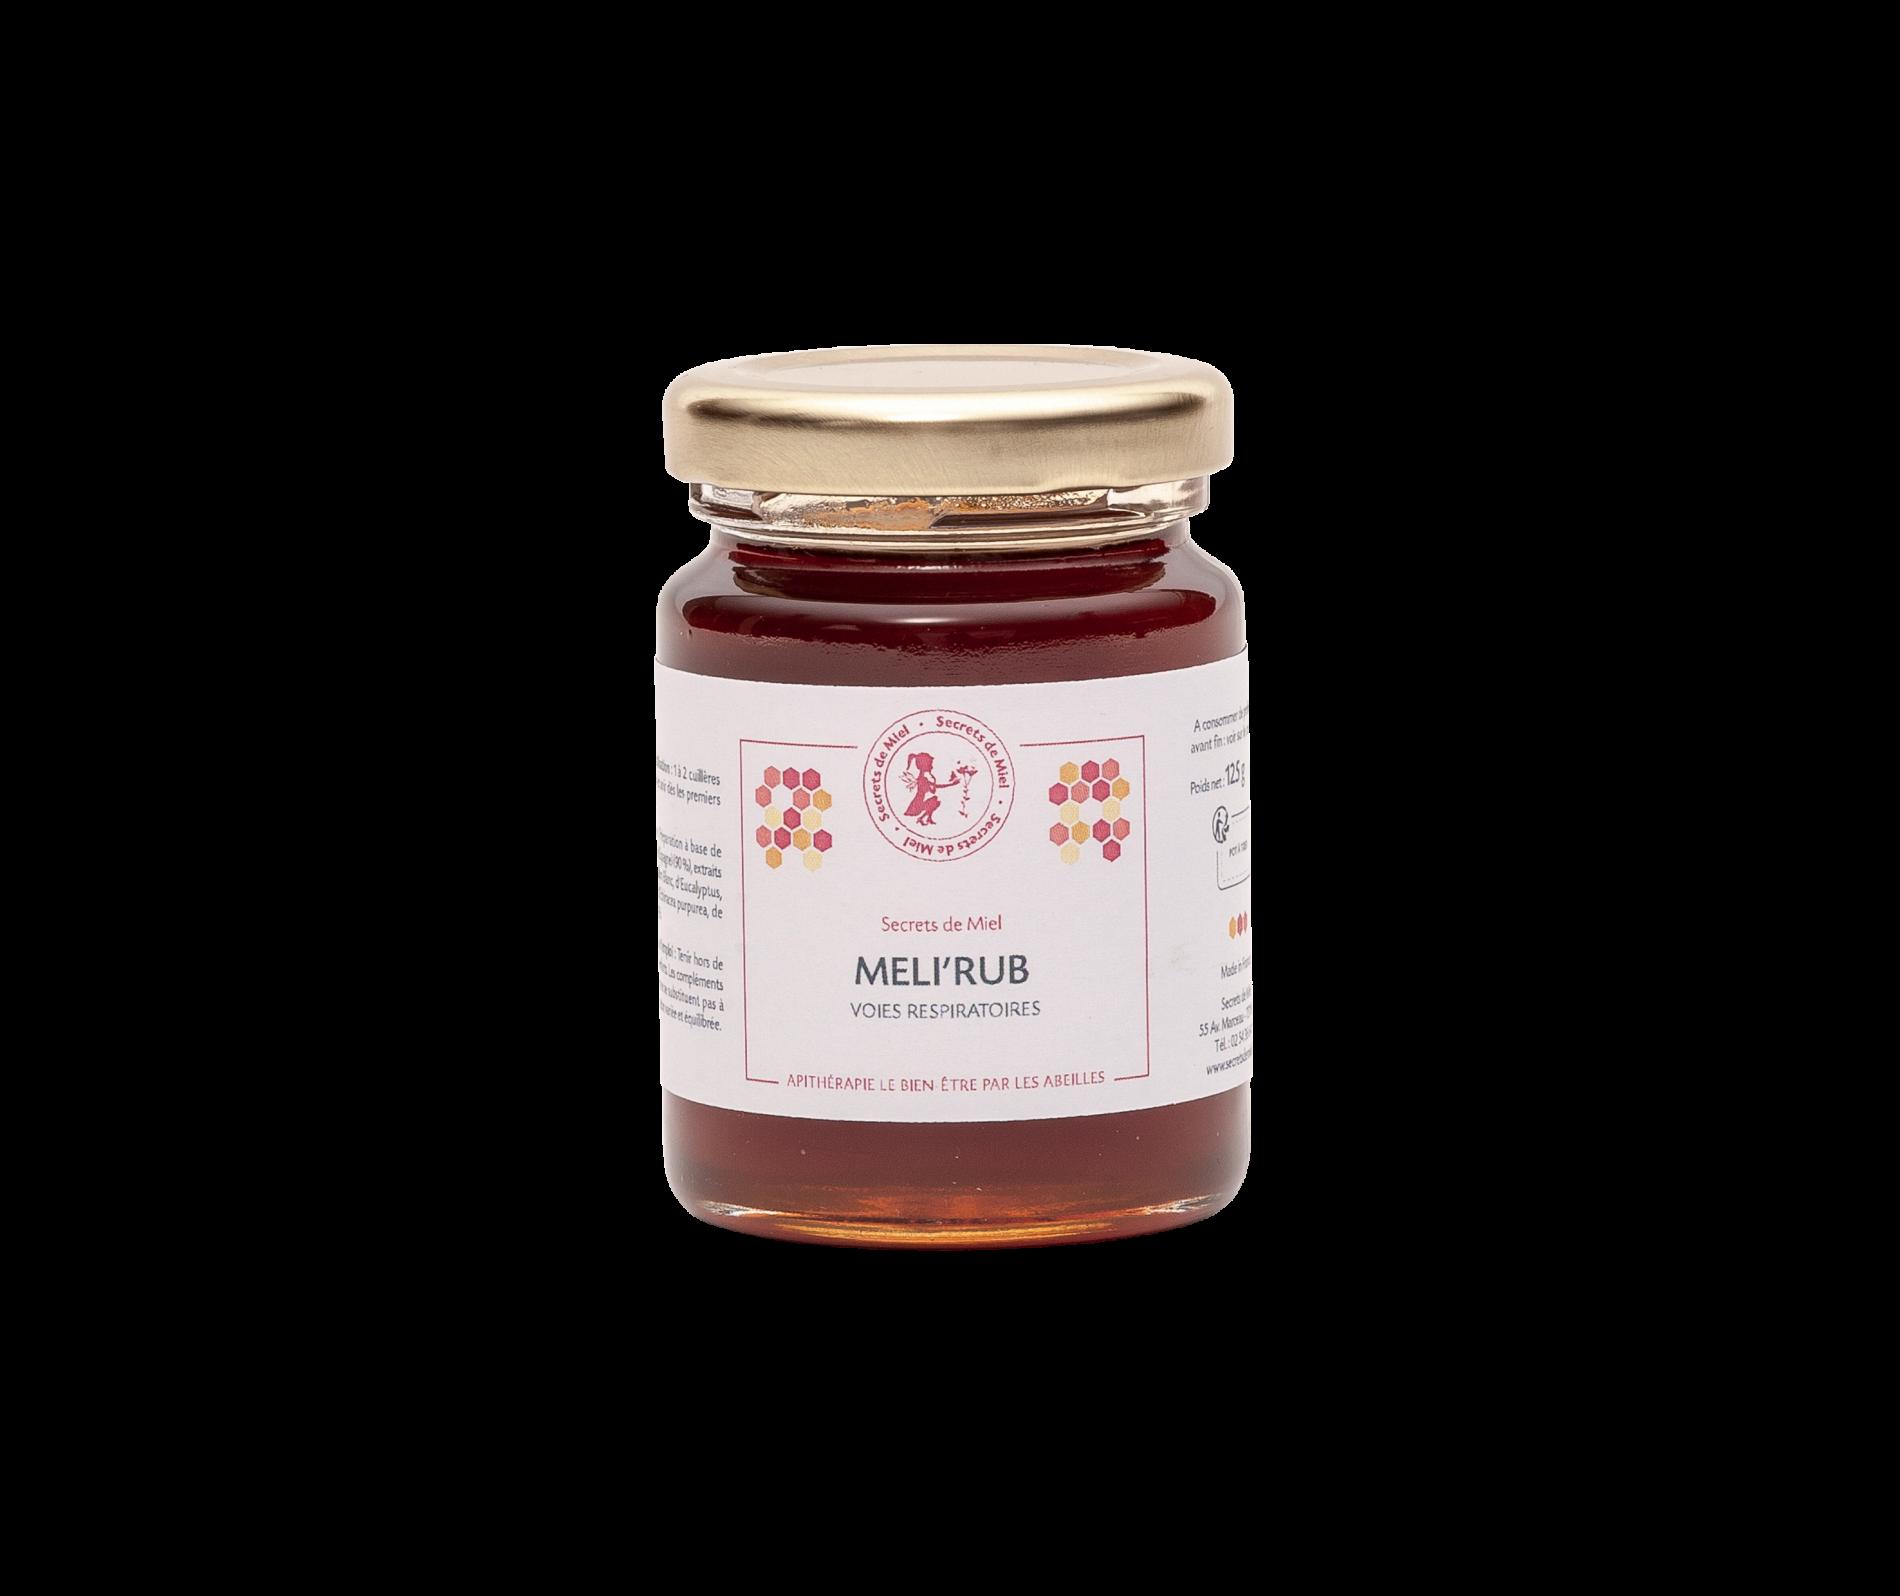 miel pour enfants - miel et plantes - anti-froid - coups de froid - compléments alimentaires - spécial rhumes - Secrets de Miel - produits de la ruche - trésors de la ruche - miel